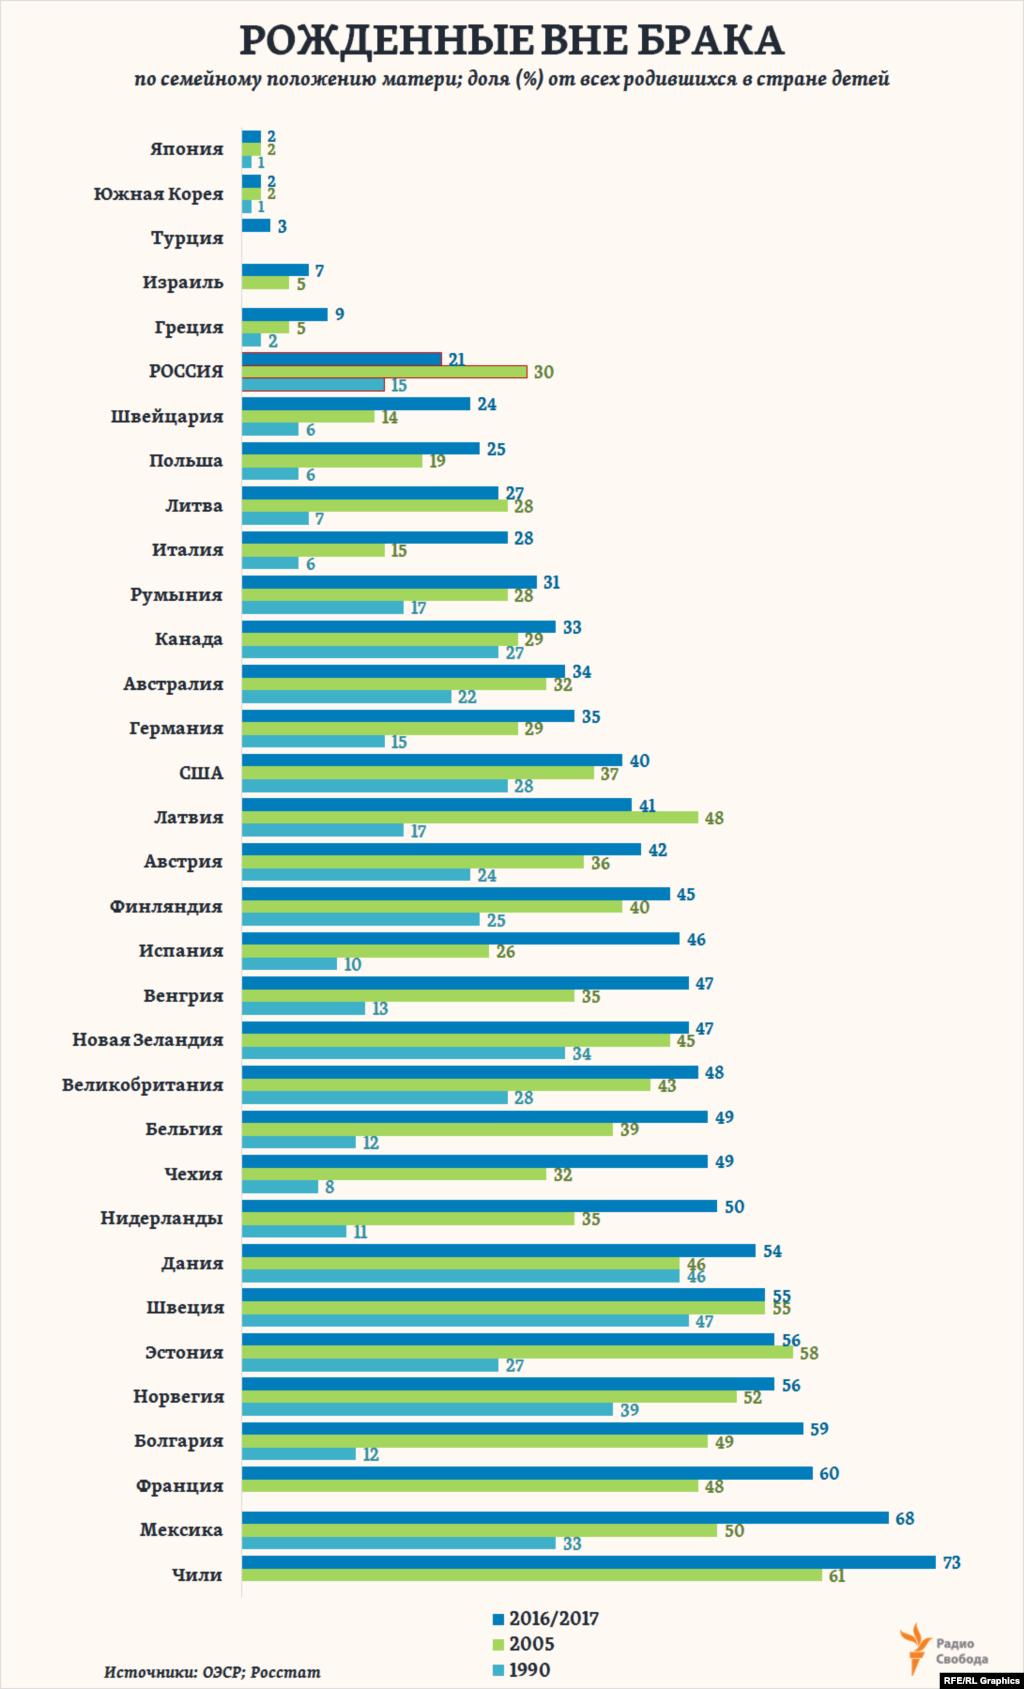 Всего за четверть века в Европе доля детей, рожденных вне зарегистрированного их родителями брака, выросла в 1,5 раза и в 2017 году составила в среднем почти 43% от всех родившихся (вдвое больше, чем в России). И продолжает расти. На этом фоне Россия оказывается единственной страной в регионе, где эта доля за последние 15 лет резко сократилась. Однако среди стран Организации экономического сотрудничества и развития есть и такие, в которых доля детей, рожденных вне брака, составляет считанные проценты